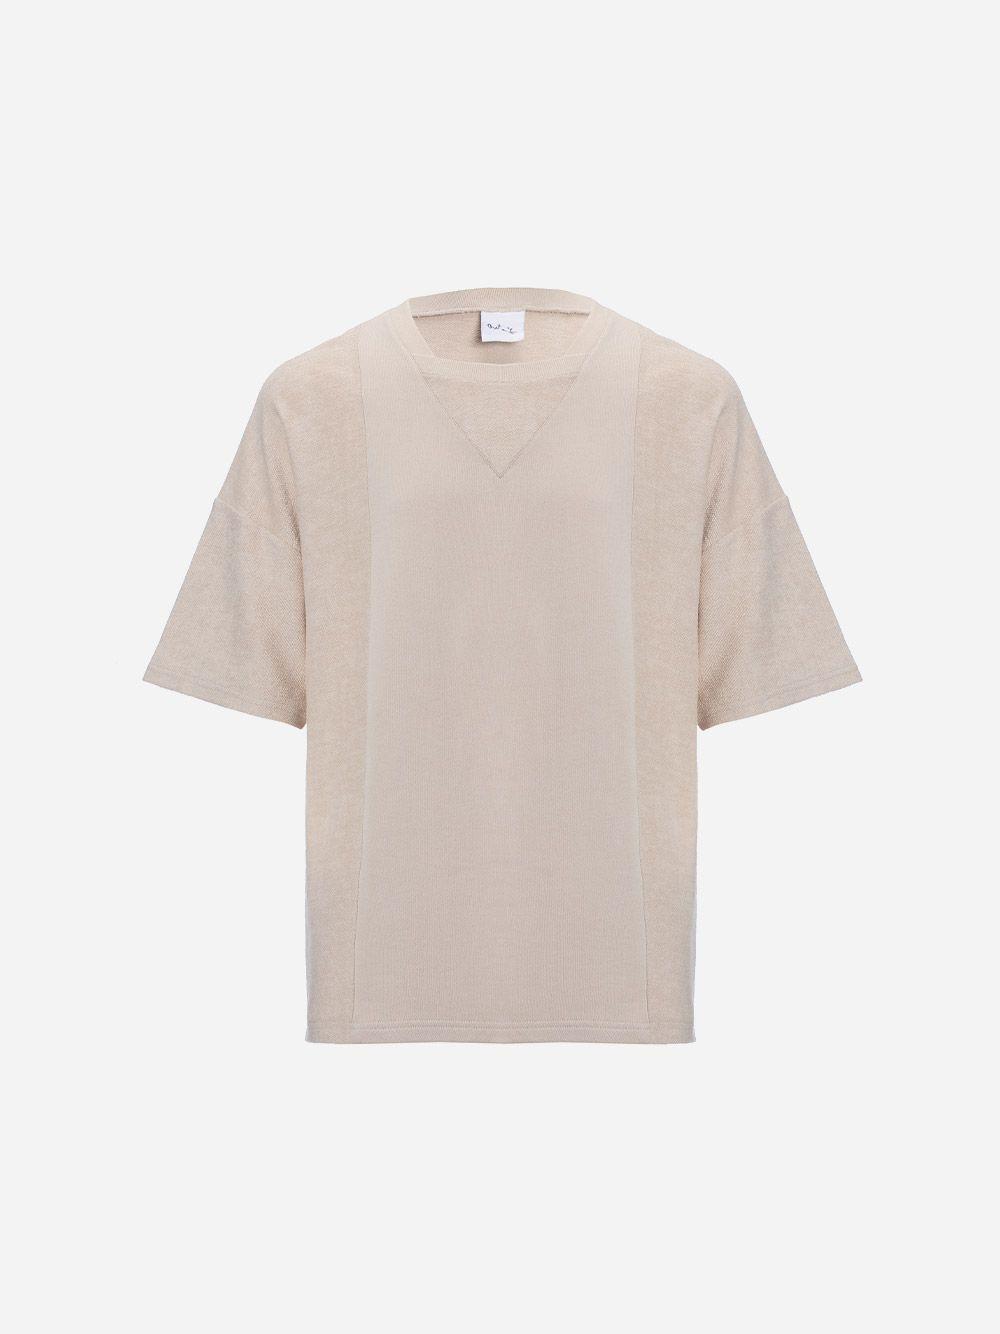 T-Shirt Encaixes Contraste Direito-Avesso | Rita Sá